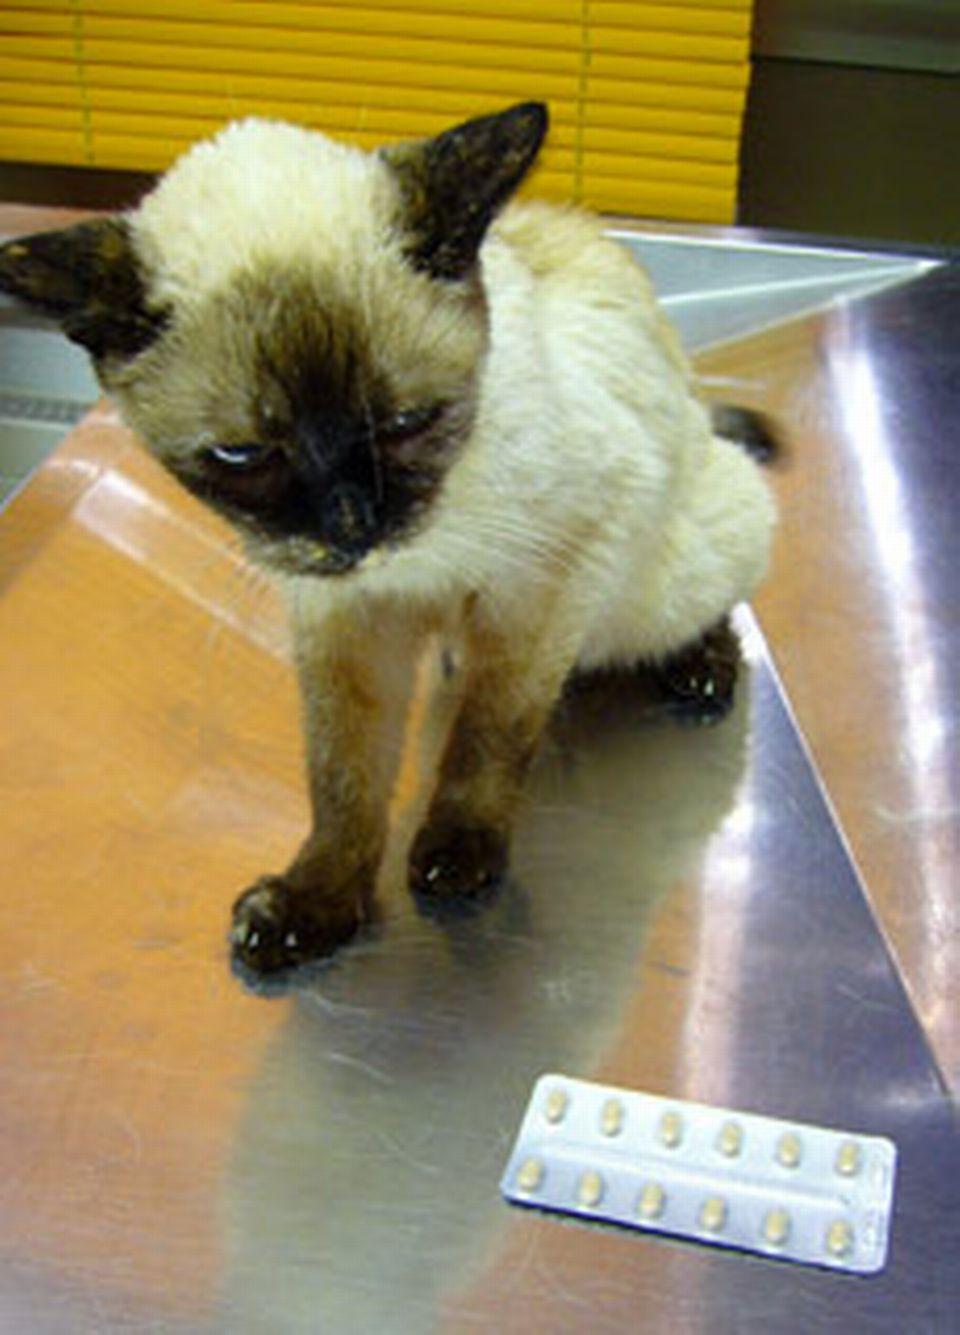 Soins aux ongles d 39 un vieux chat - A quel age couper les griffes d un chat ...